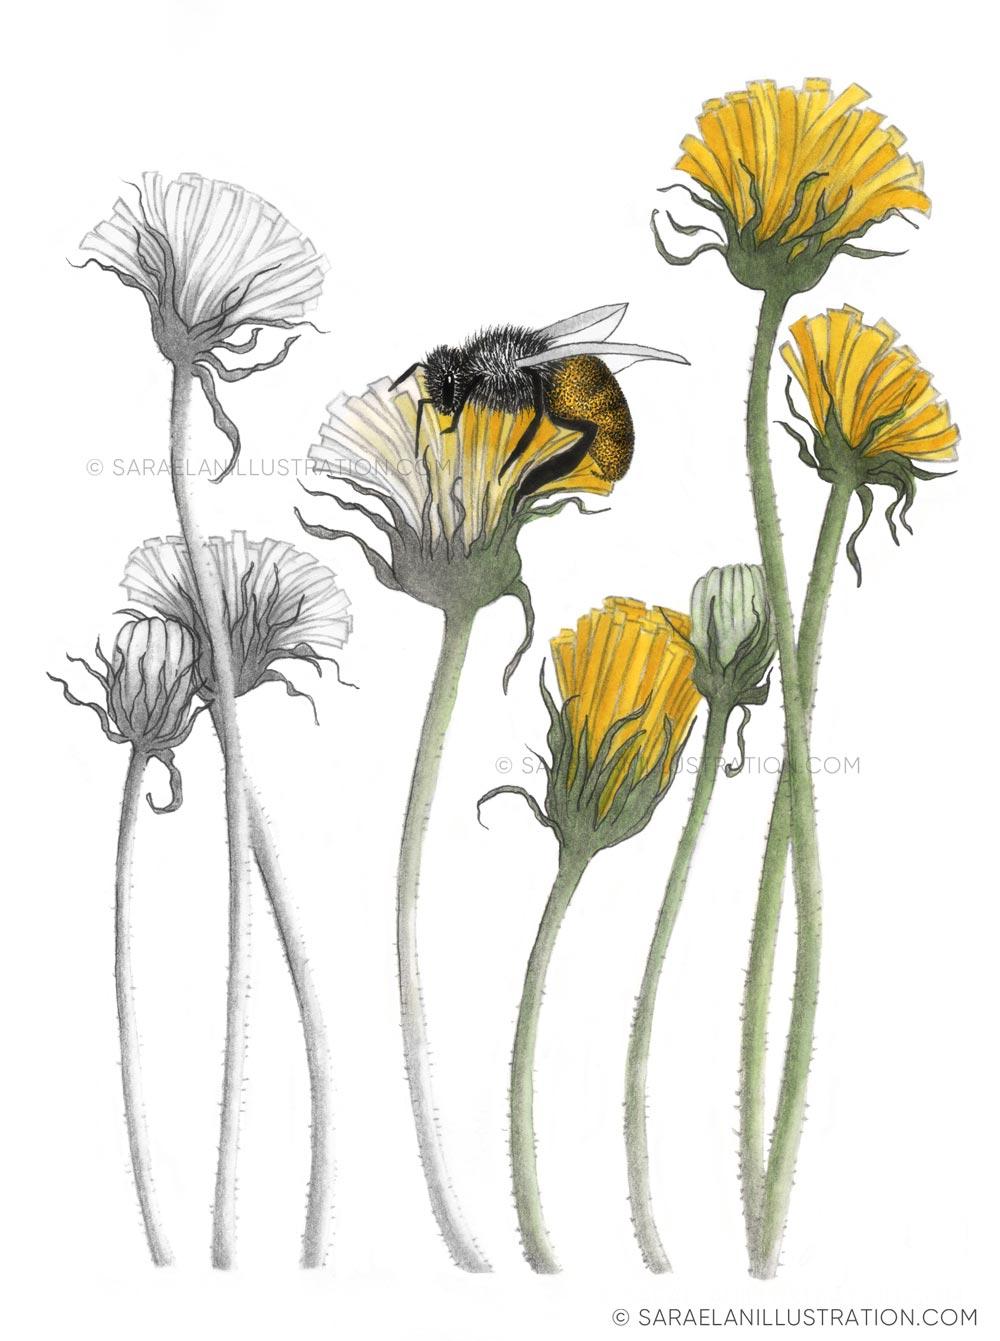 Salviamo le api disegno metafora per la salvaguardia delle api